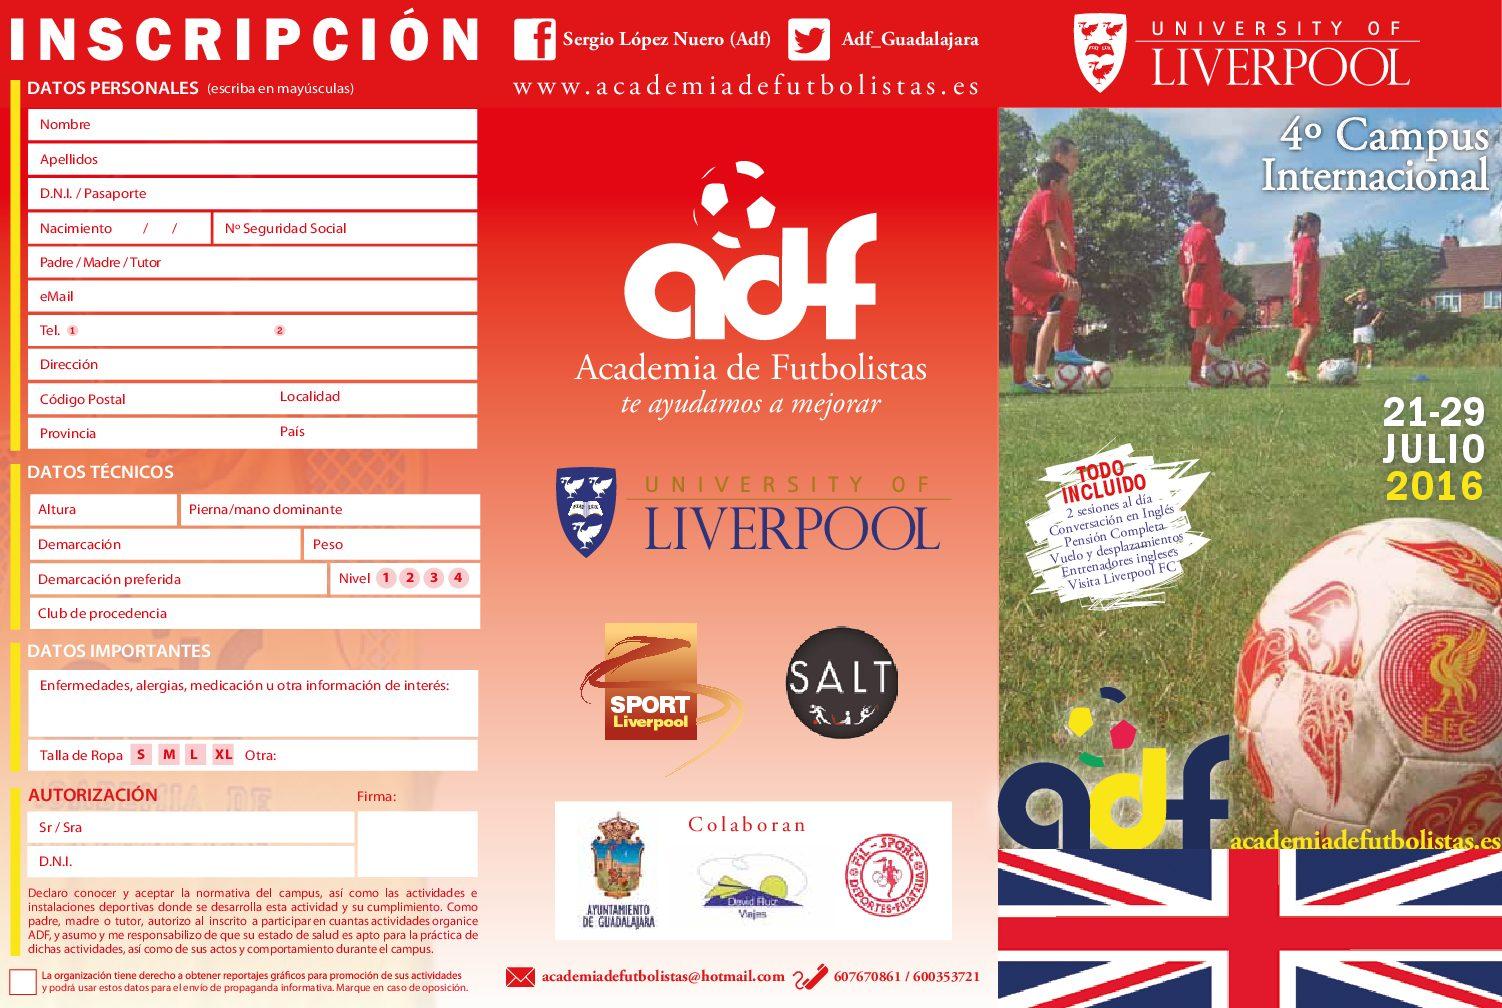 Desarrollo de la campaña publicitaria de los campus deportivos de la Academia de Futbolistas